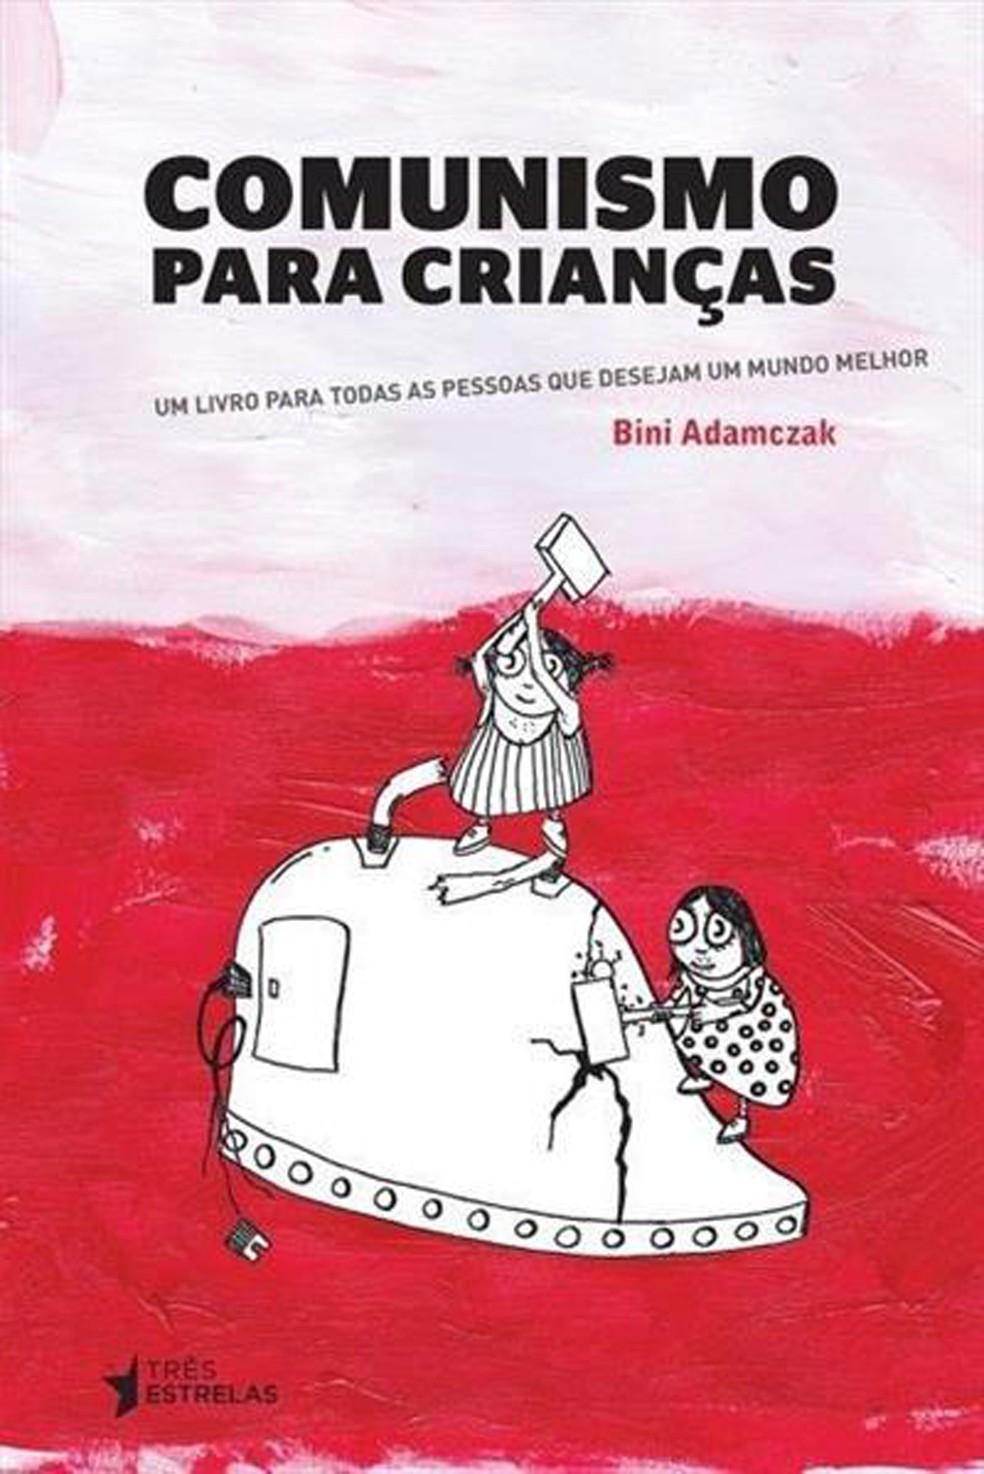 Comunismo para crianças' combina ideologia e conto de fadas | Pop ...